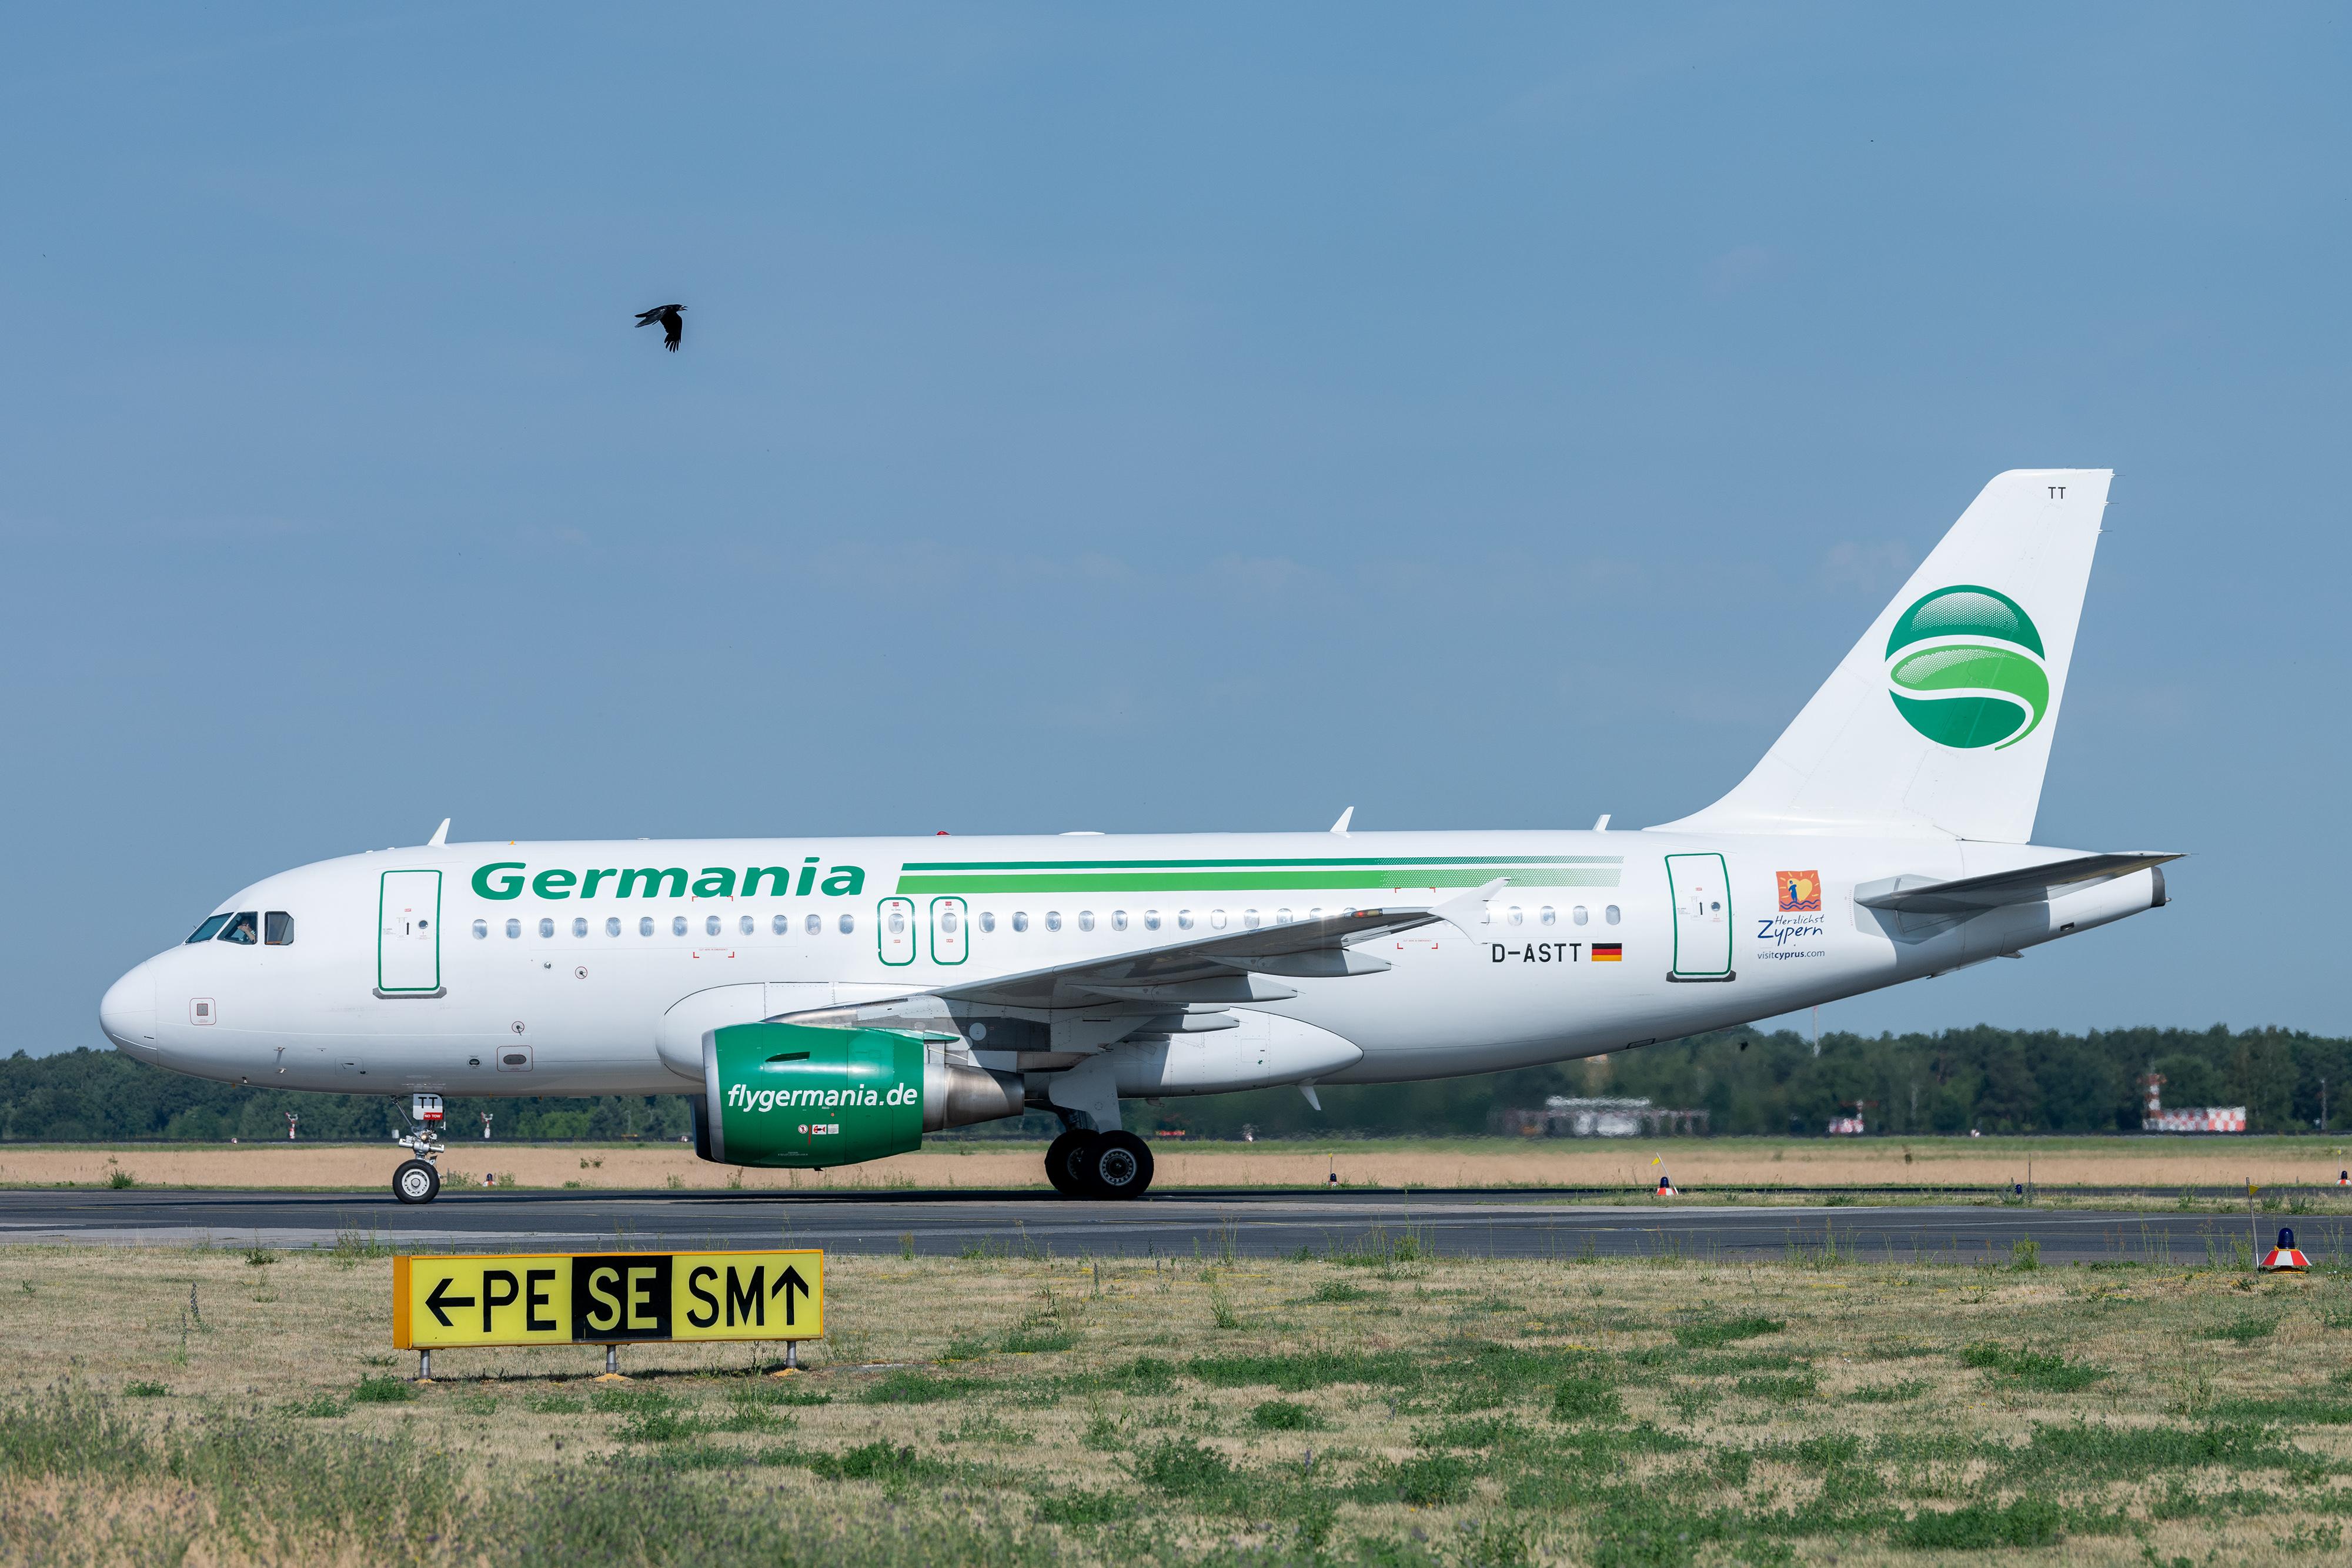 Ещё одна авиакомпания Германии покидает рынок. Разбираемся в причинах, Туристам Коломны, Отдых Дюссельдорф Германия